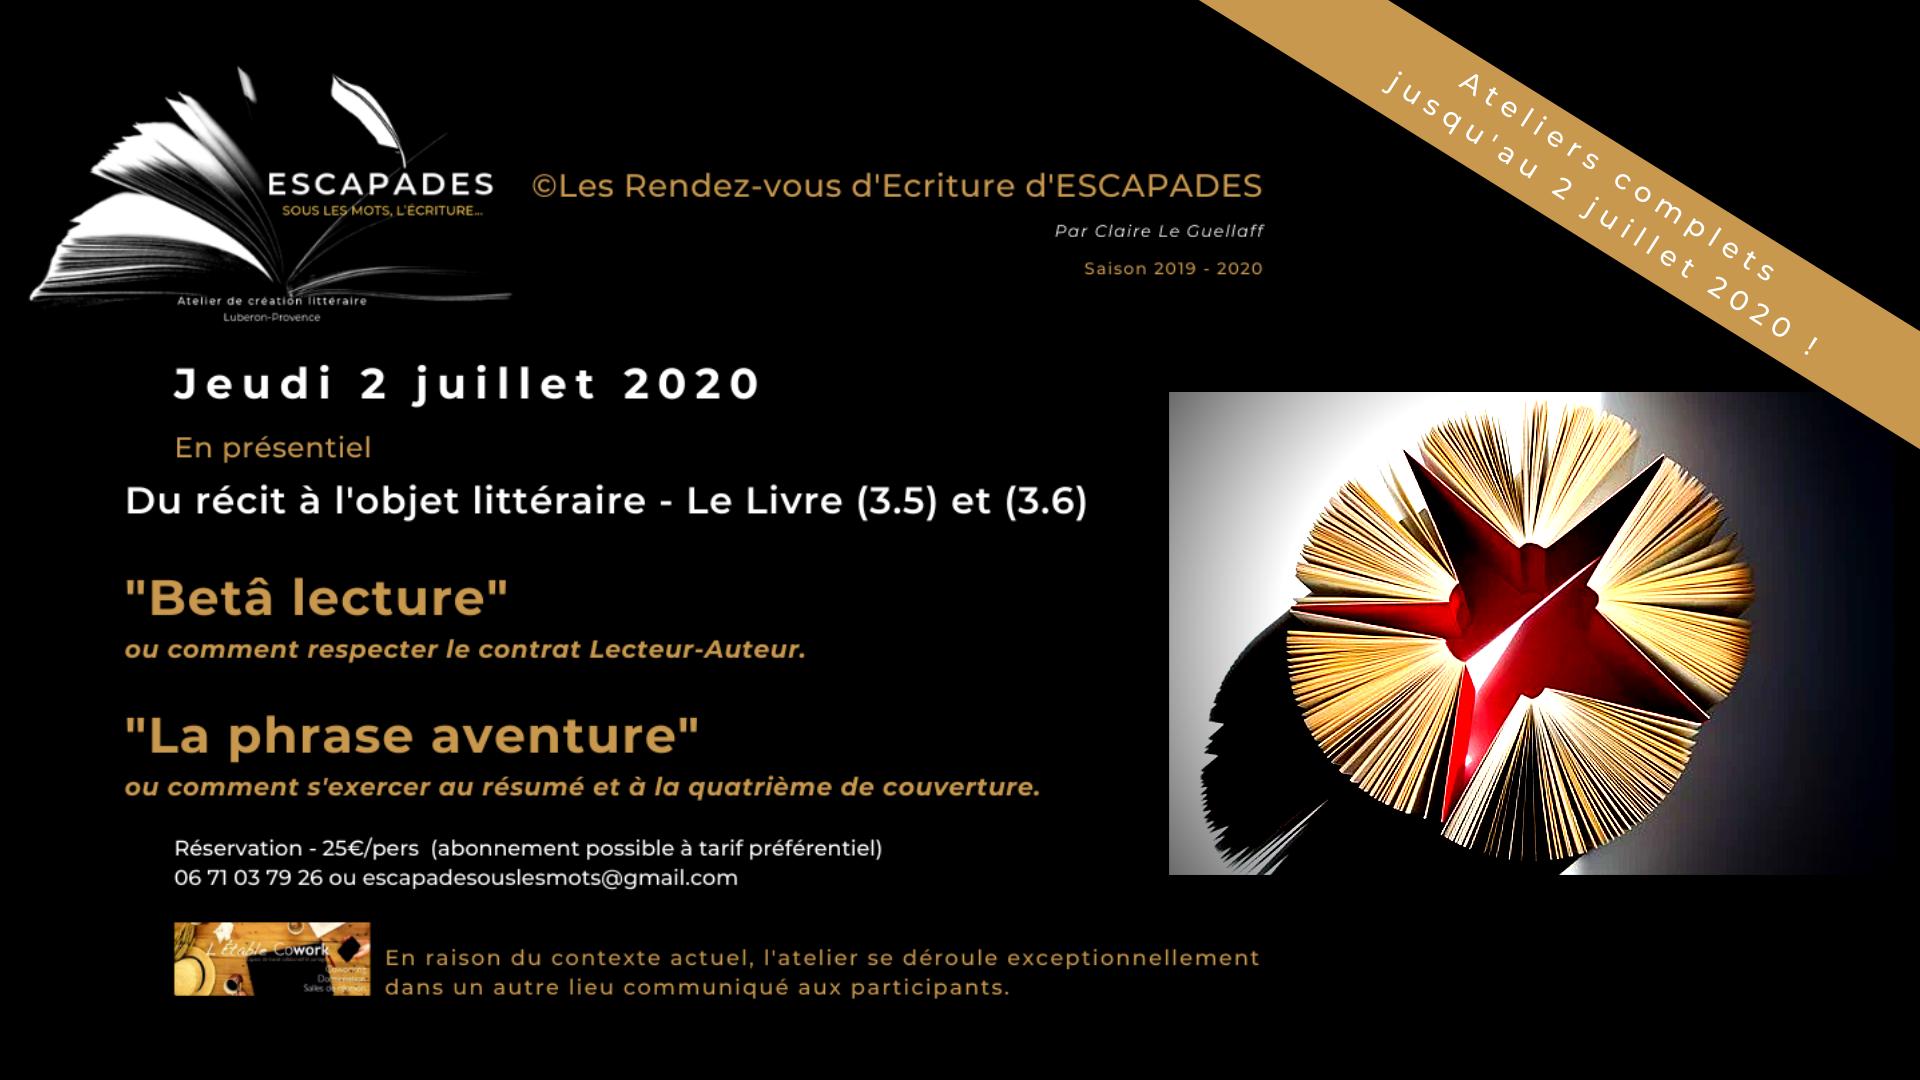 """Du récit à l'objet littéraire  (Cycle 3.5 et 3.6) : """"La Bêta lecture"""" et """"La phrase aventure""""."""